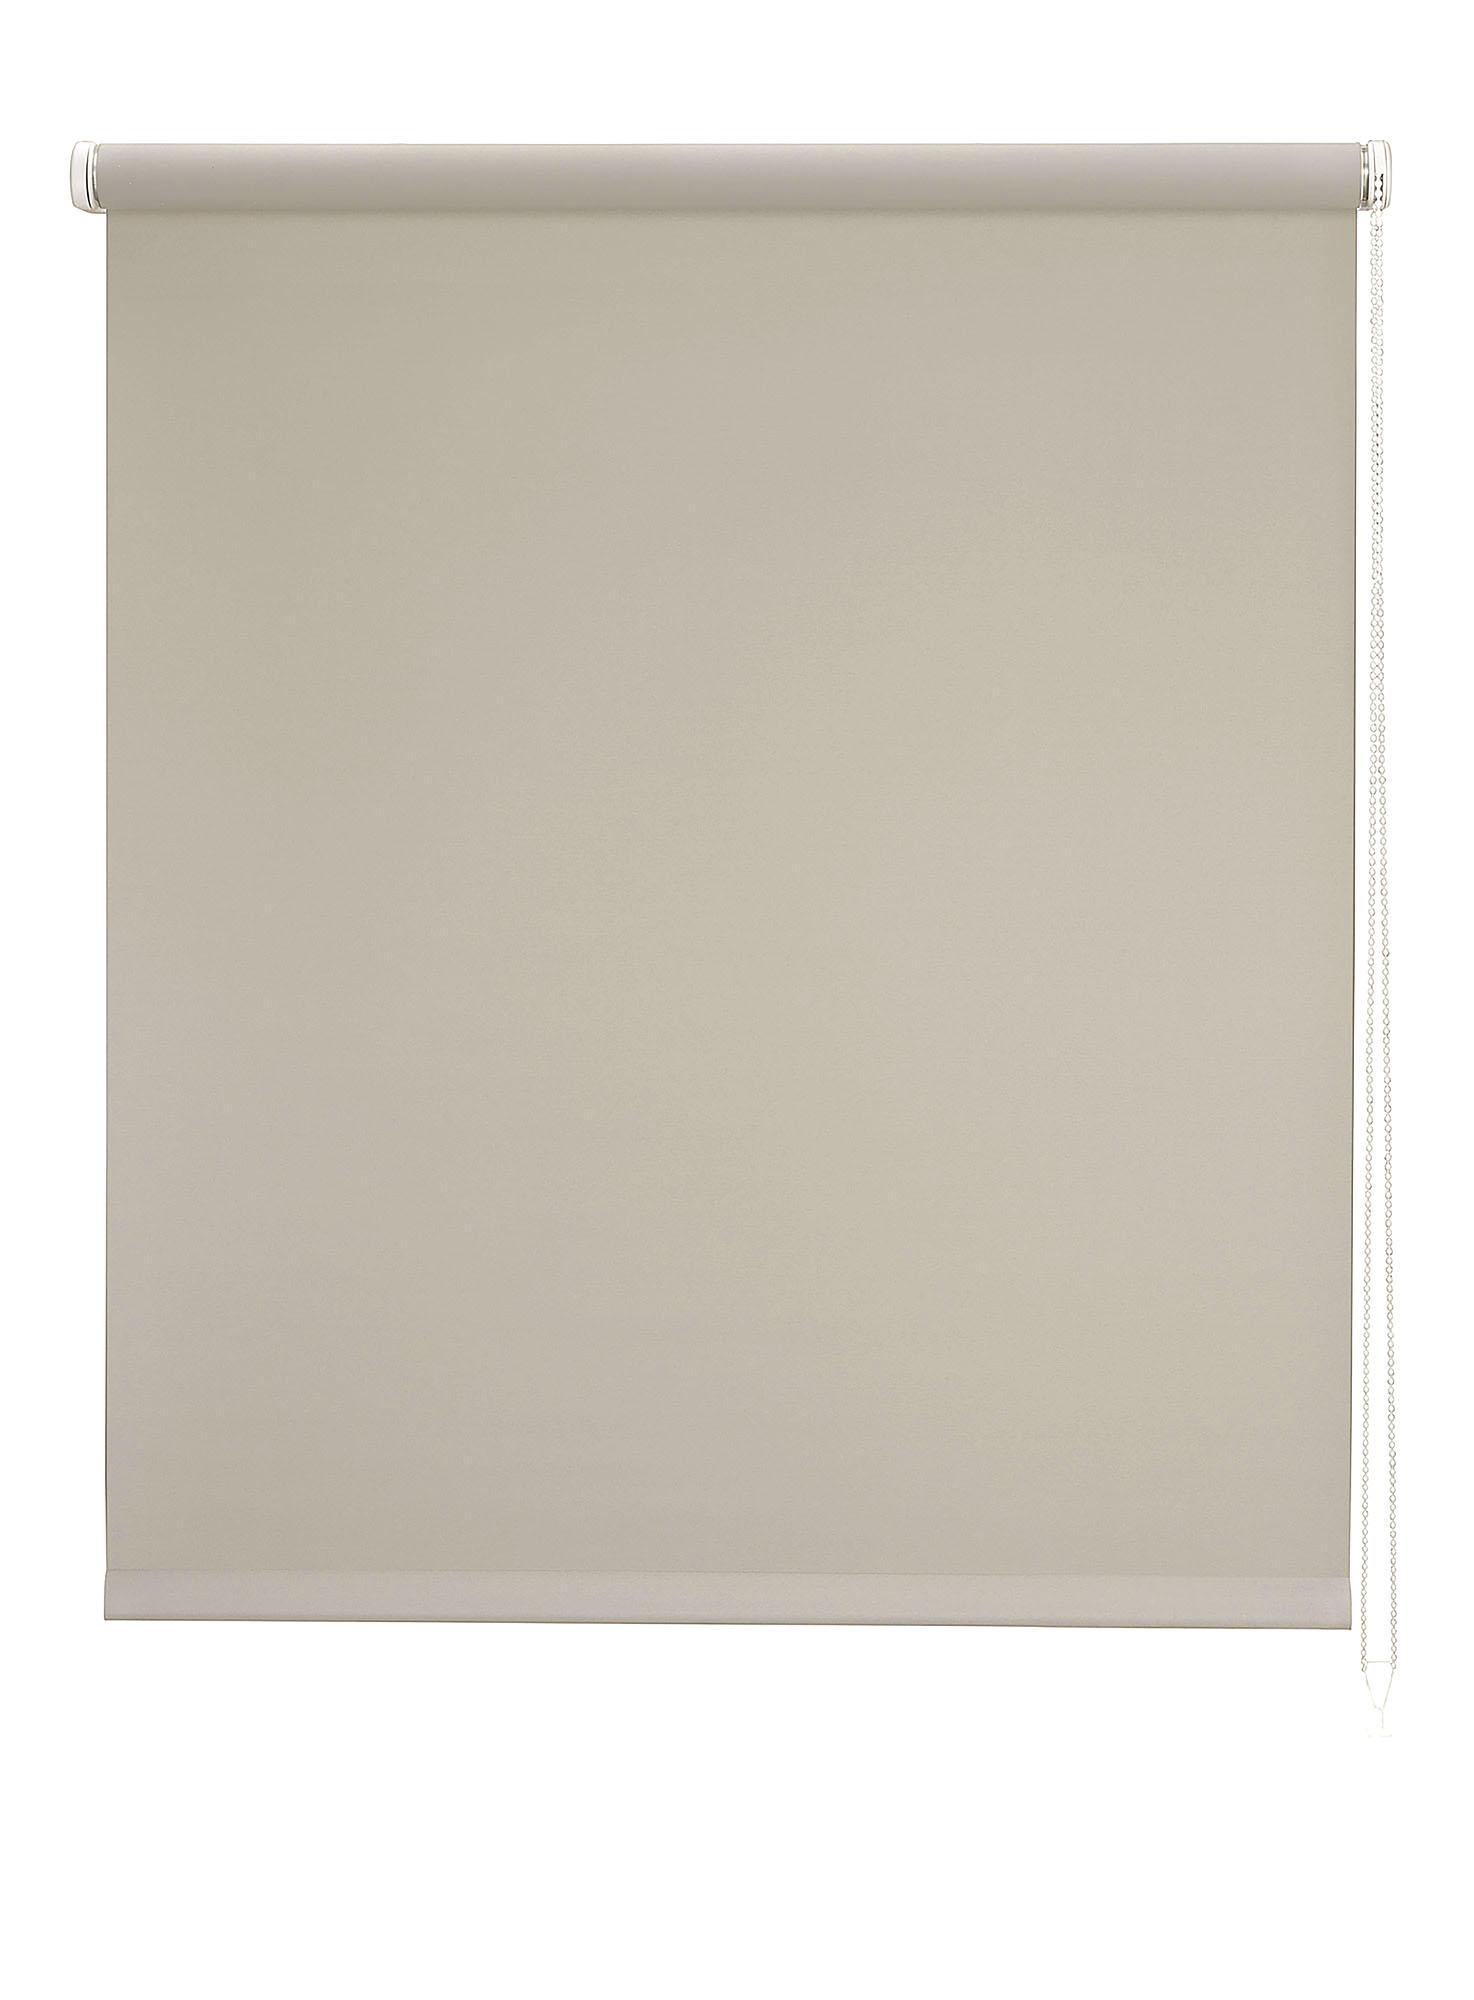 Store enrouleur Translucide - Beige - 135 x 250 cm